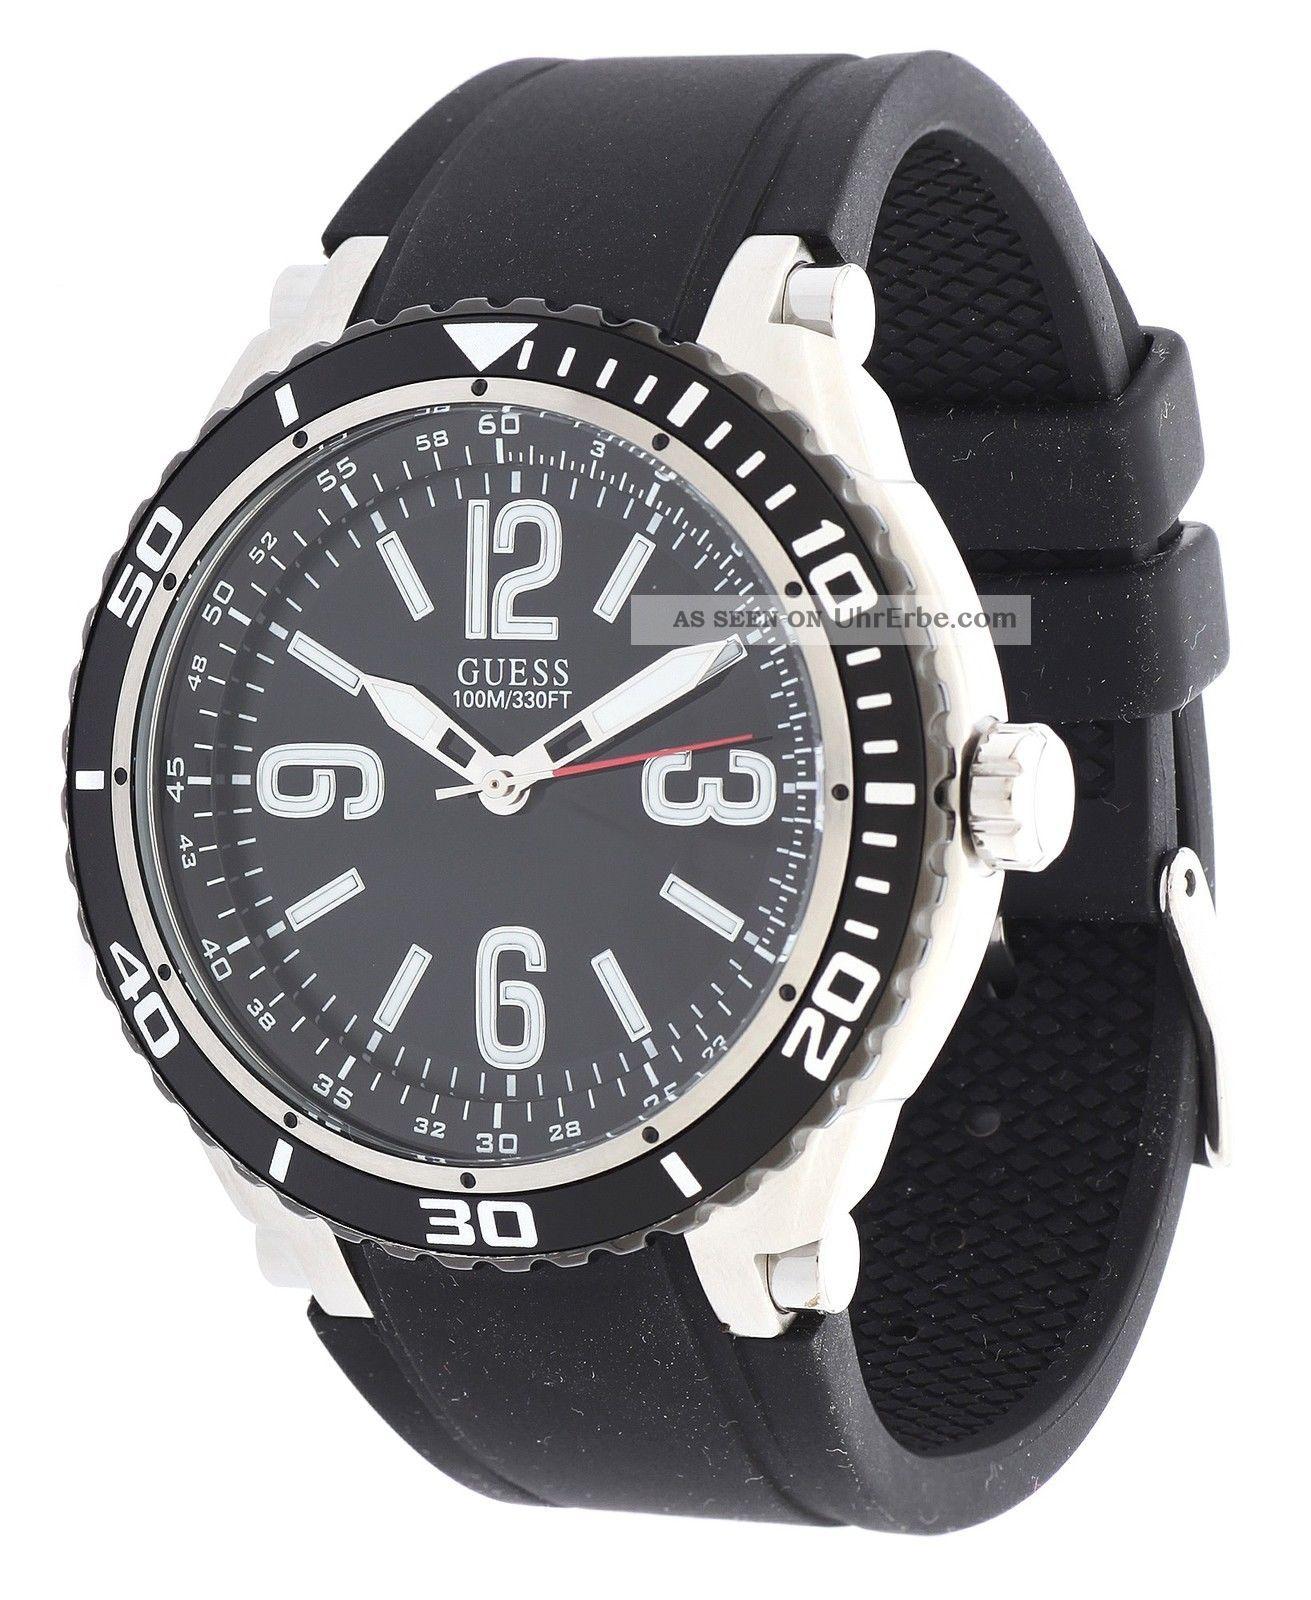 Guess Damen Armbanduhr Marathon Schwarz W0044g1 Armbanduhren Bild